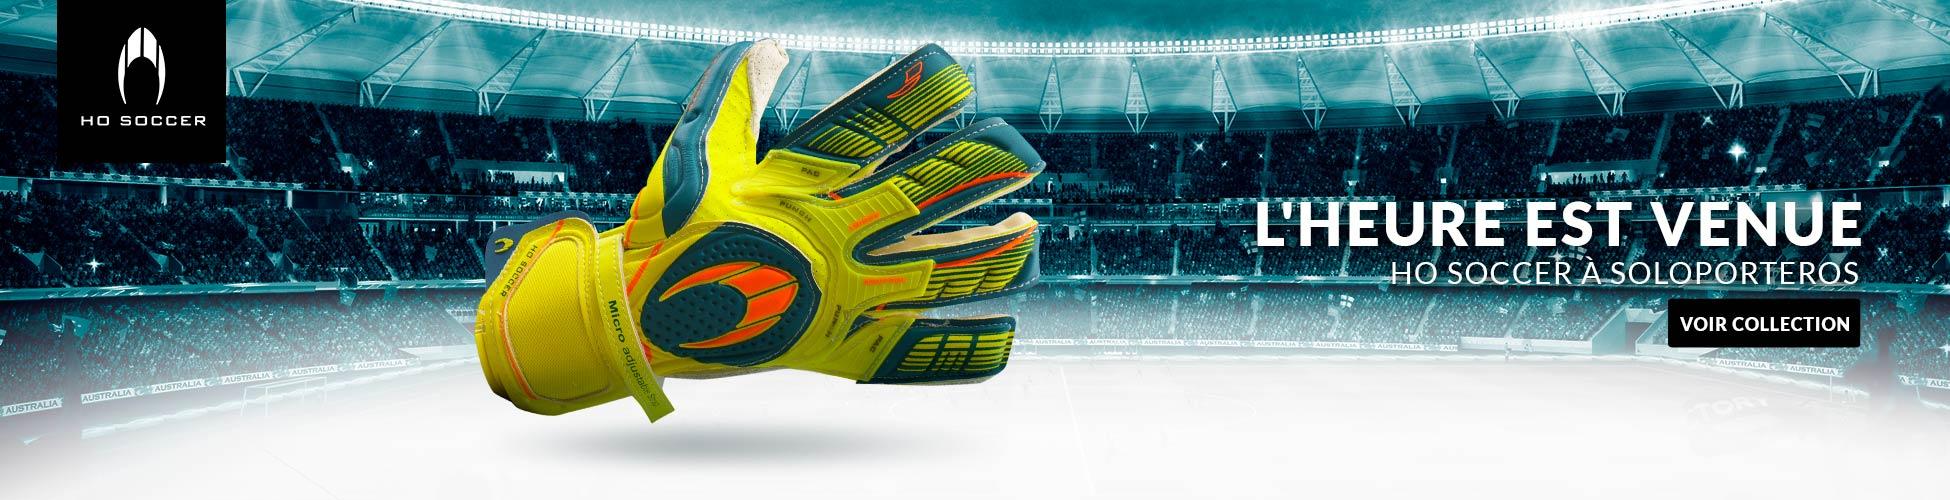 HO soccer FR